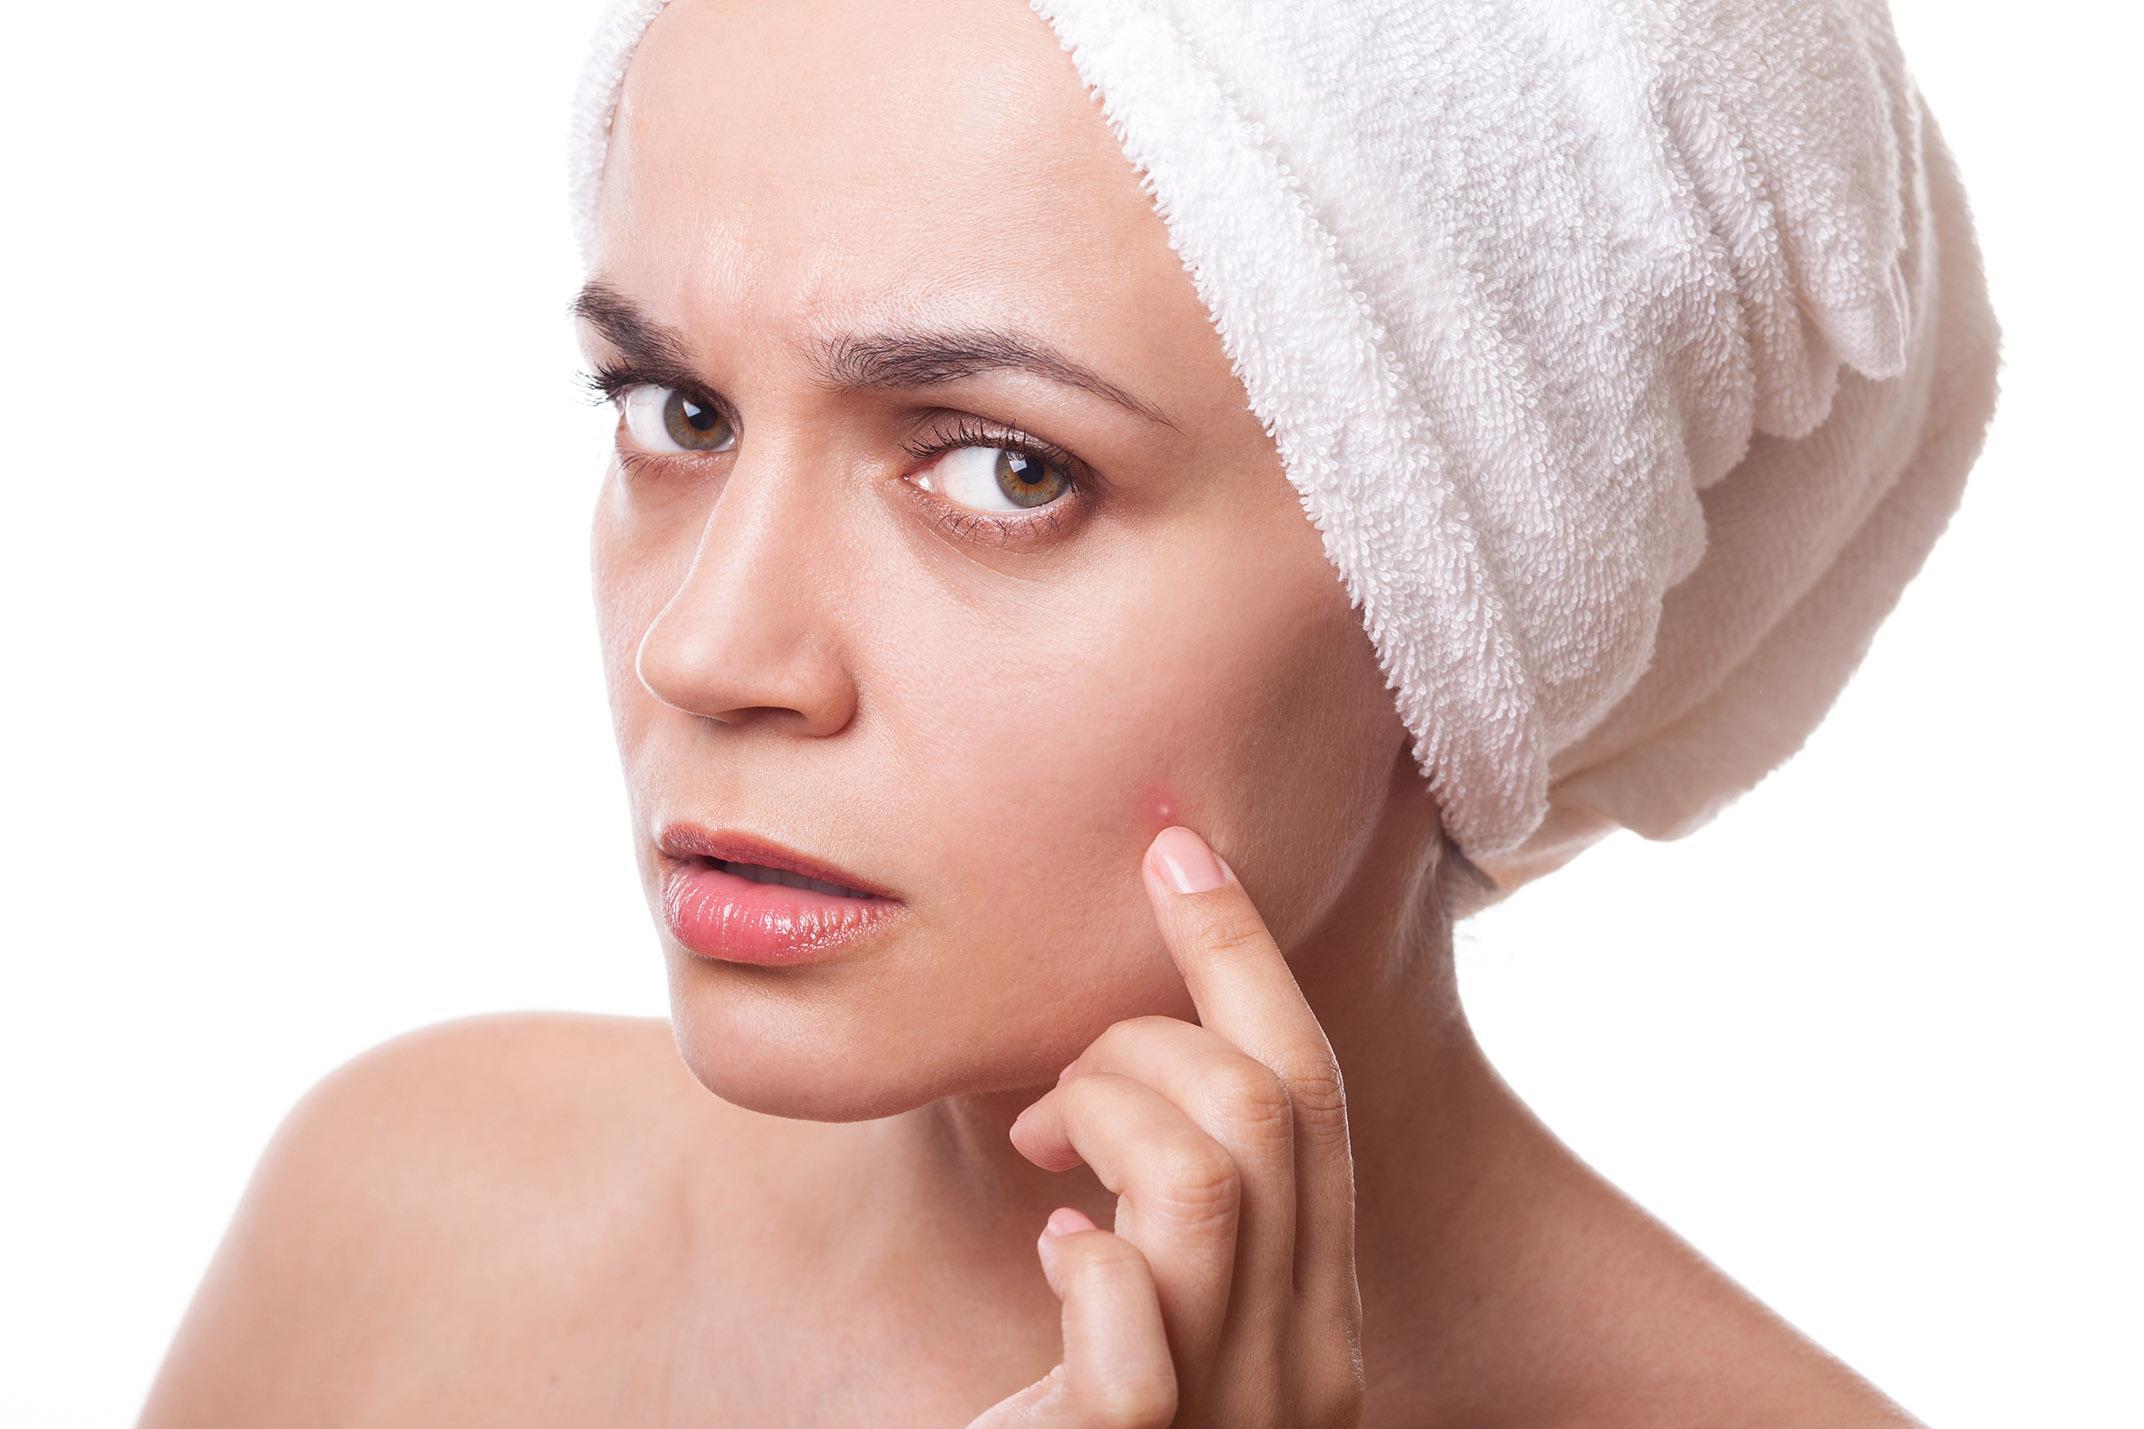 Extrato de Chá Verde é Eficaz no Tratamento da Acne em Mulheres Adultas